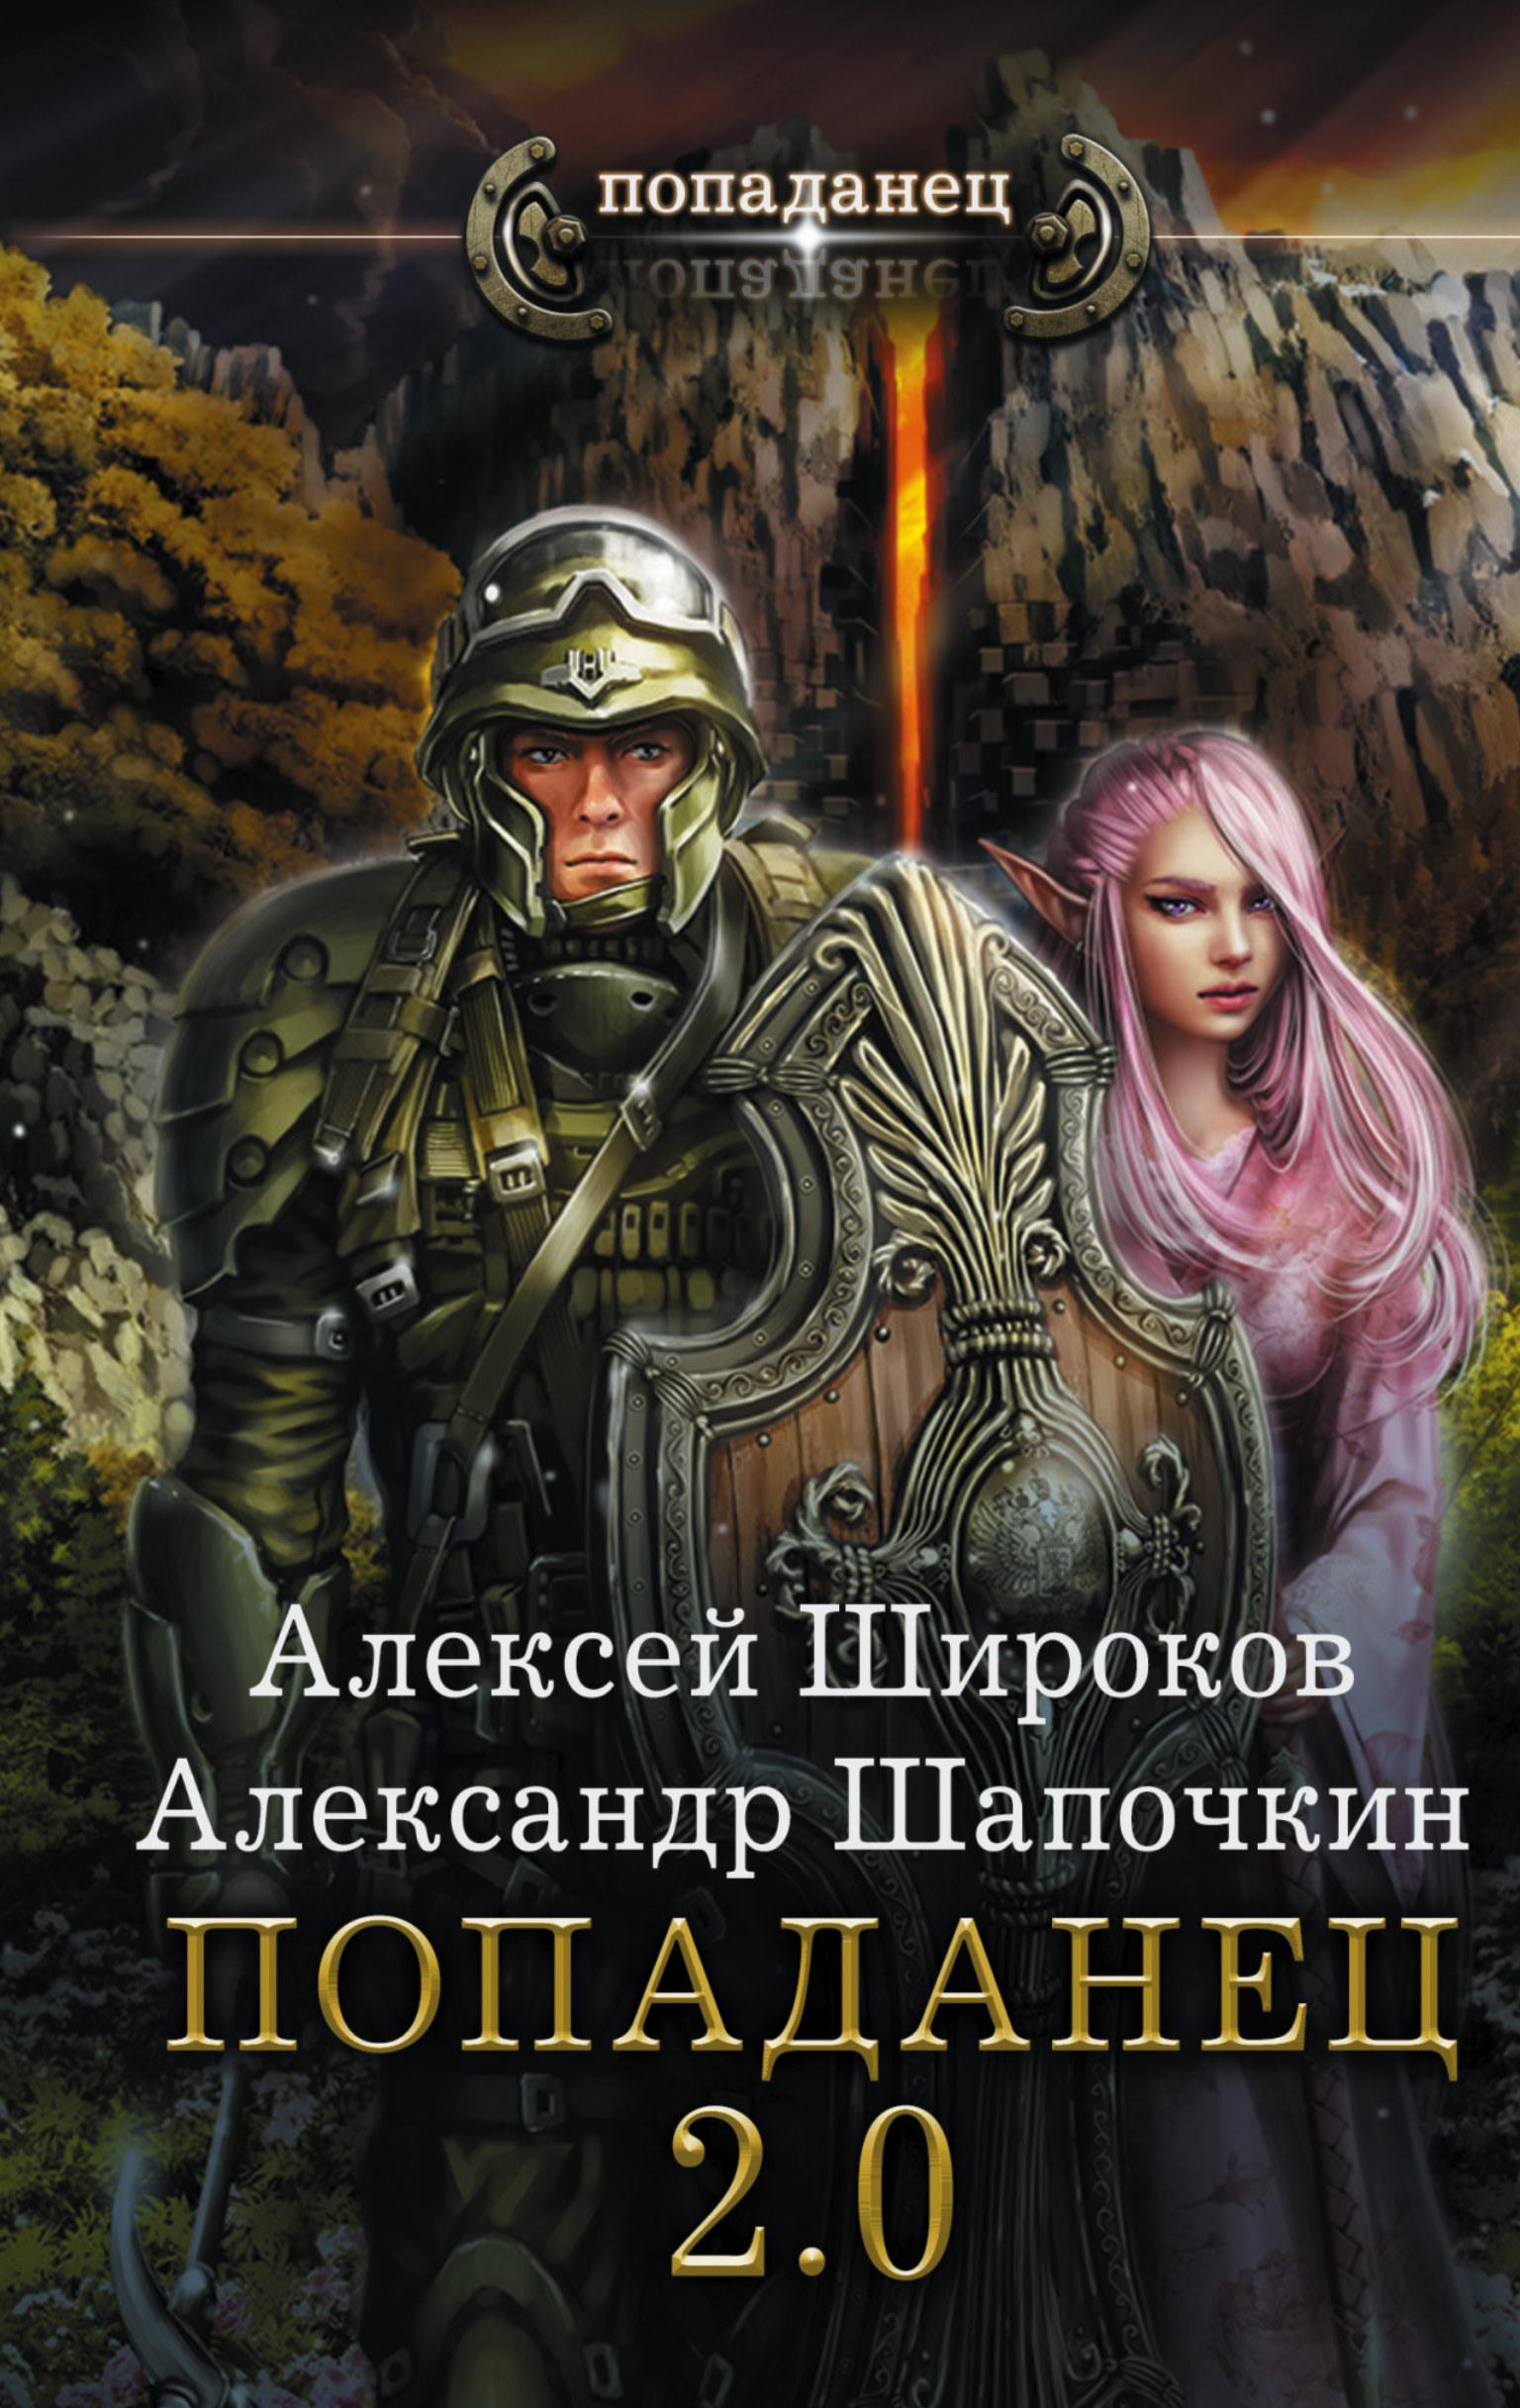 Широков Алексей Викторович; Шапочкин Александр Игоревич Попаданец 2.0